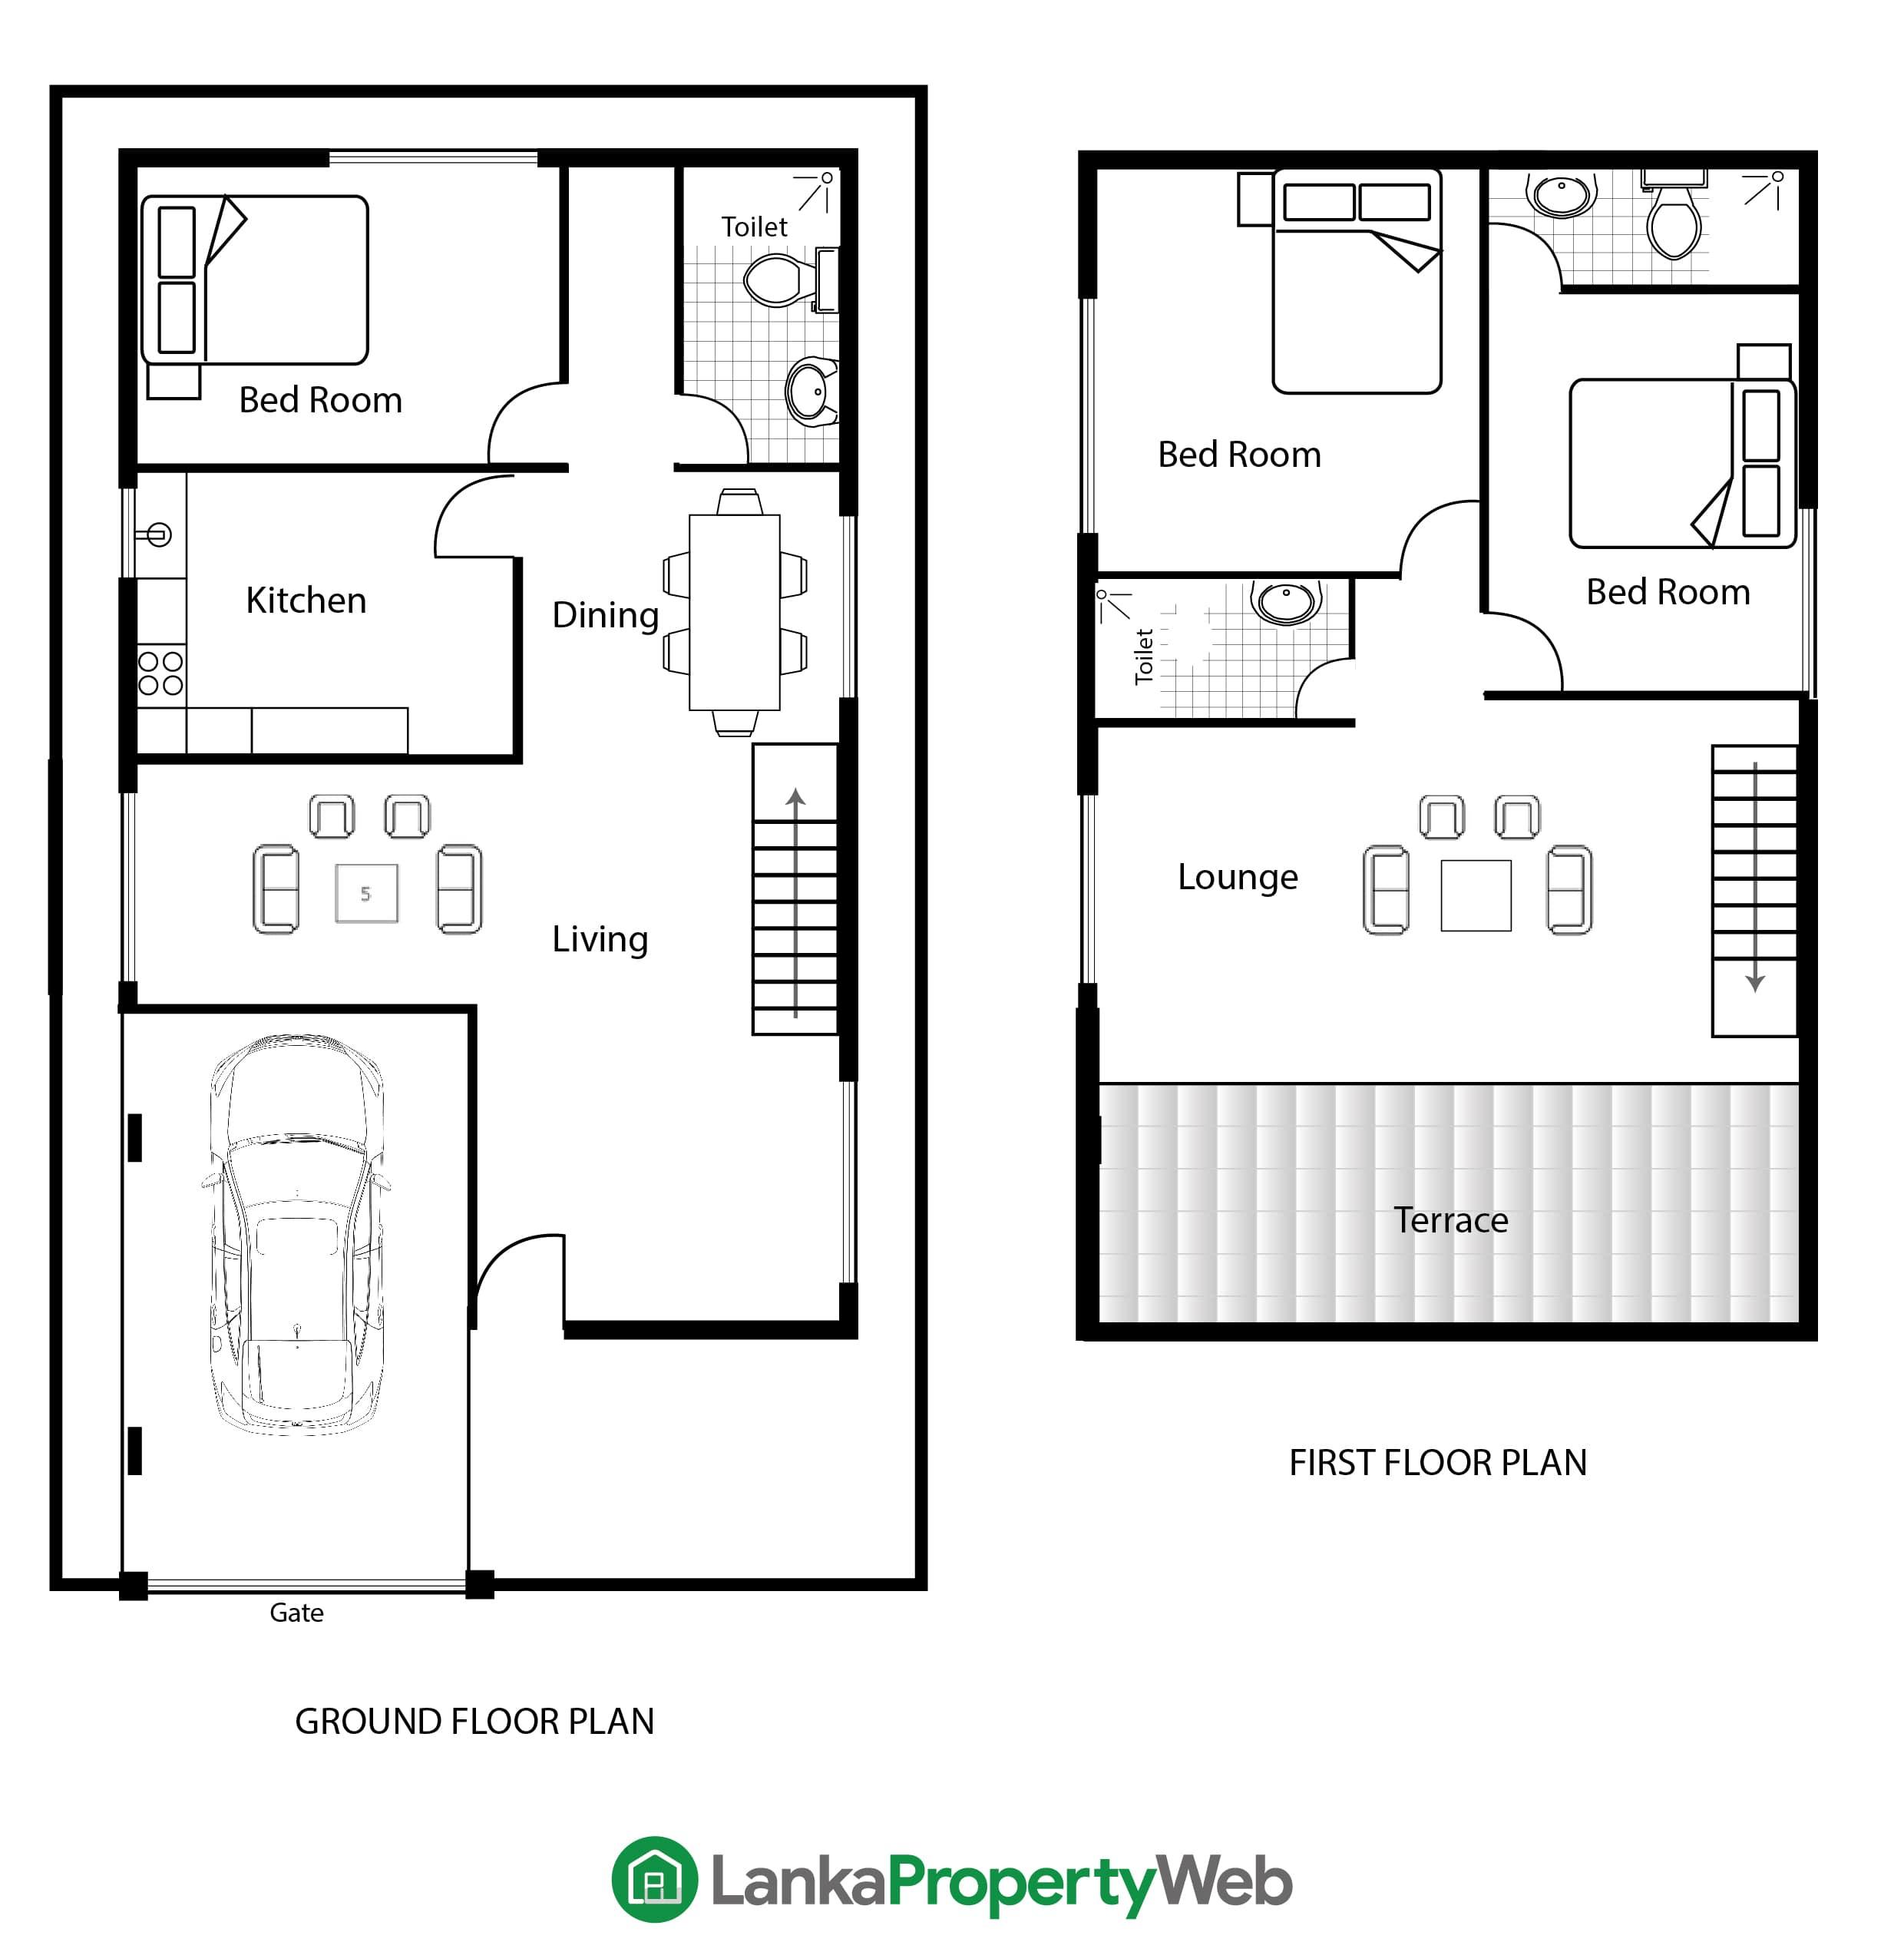 Duplex / Semi-detached house plan